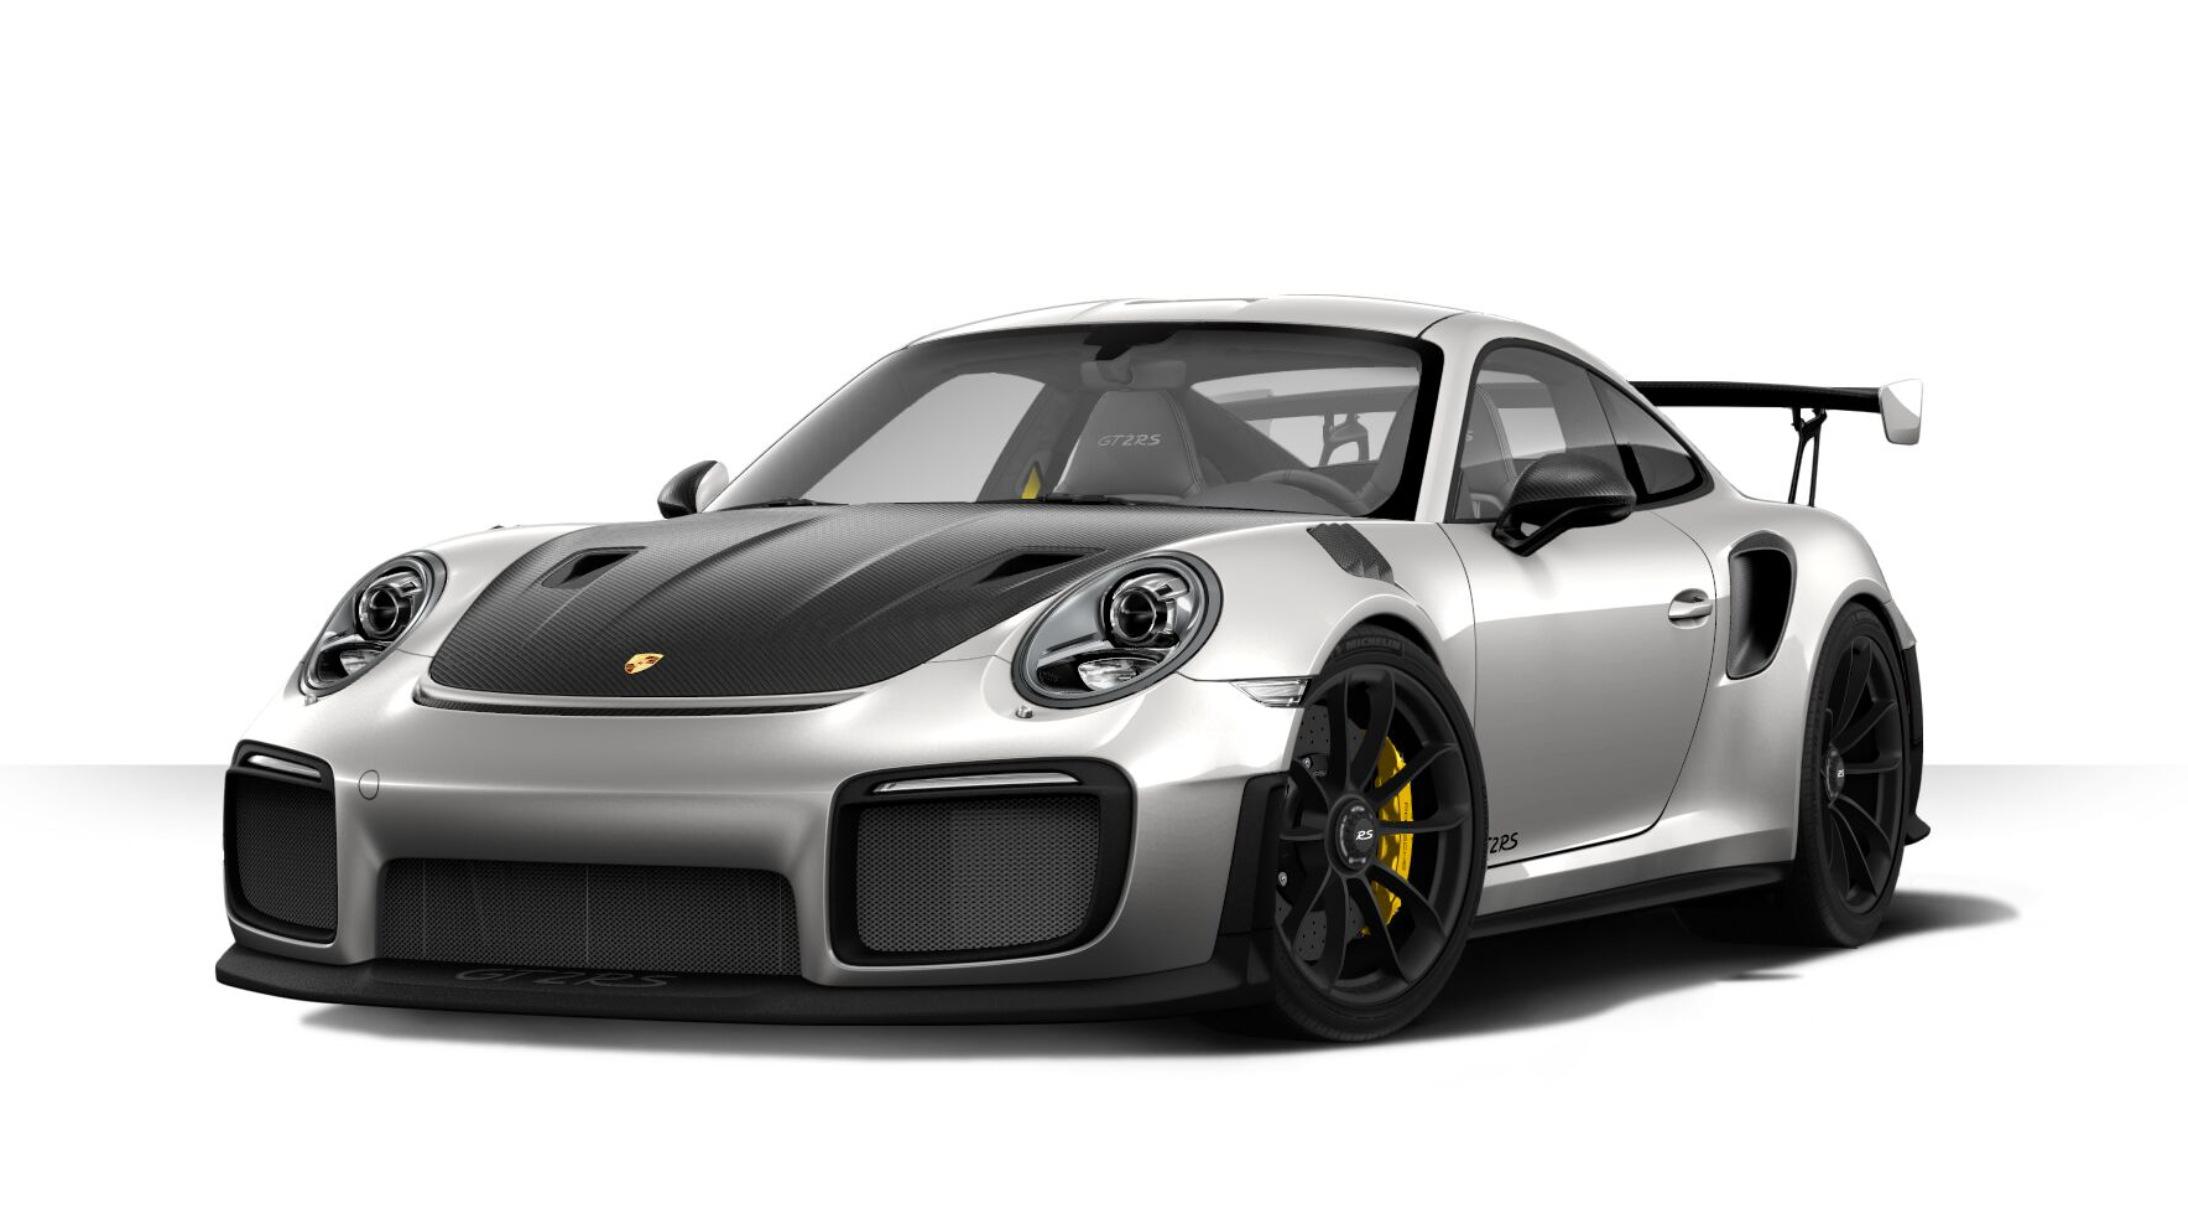 0d0022d5302c27e63e46de7de7b9dcdf Extraordinary Porsche 911 Gt2 Rs Used Cars Trend